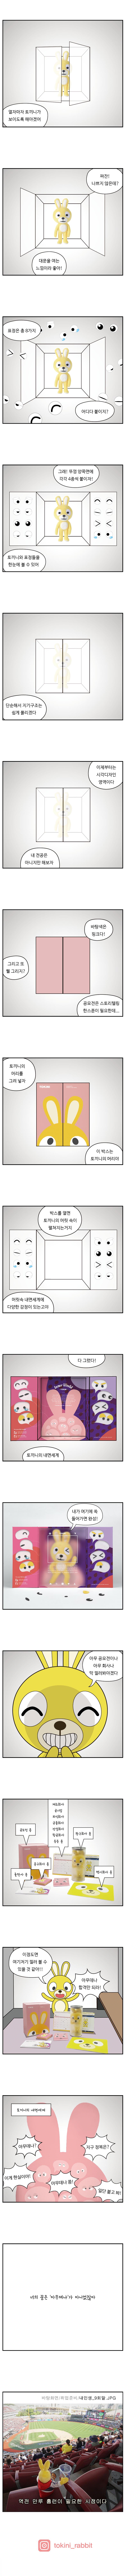 이상한나라의취준생_작업실_16화_02.png